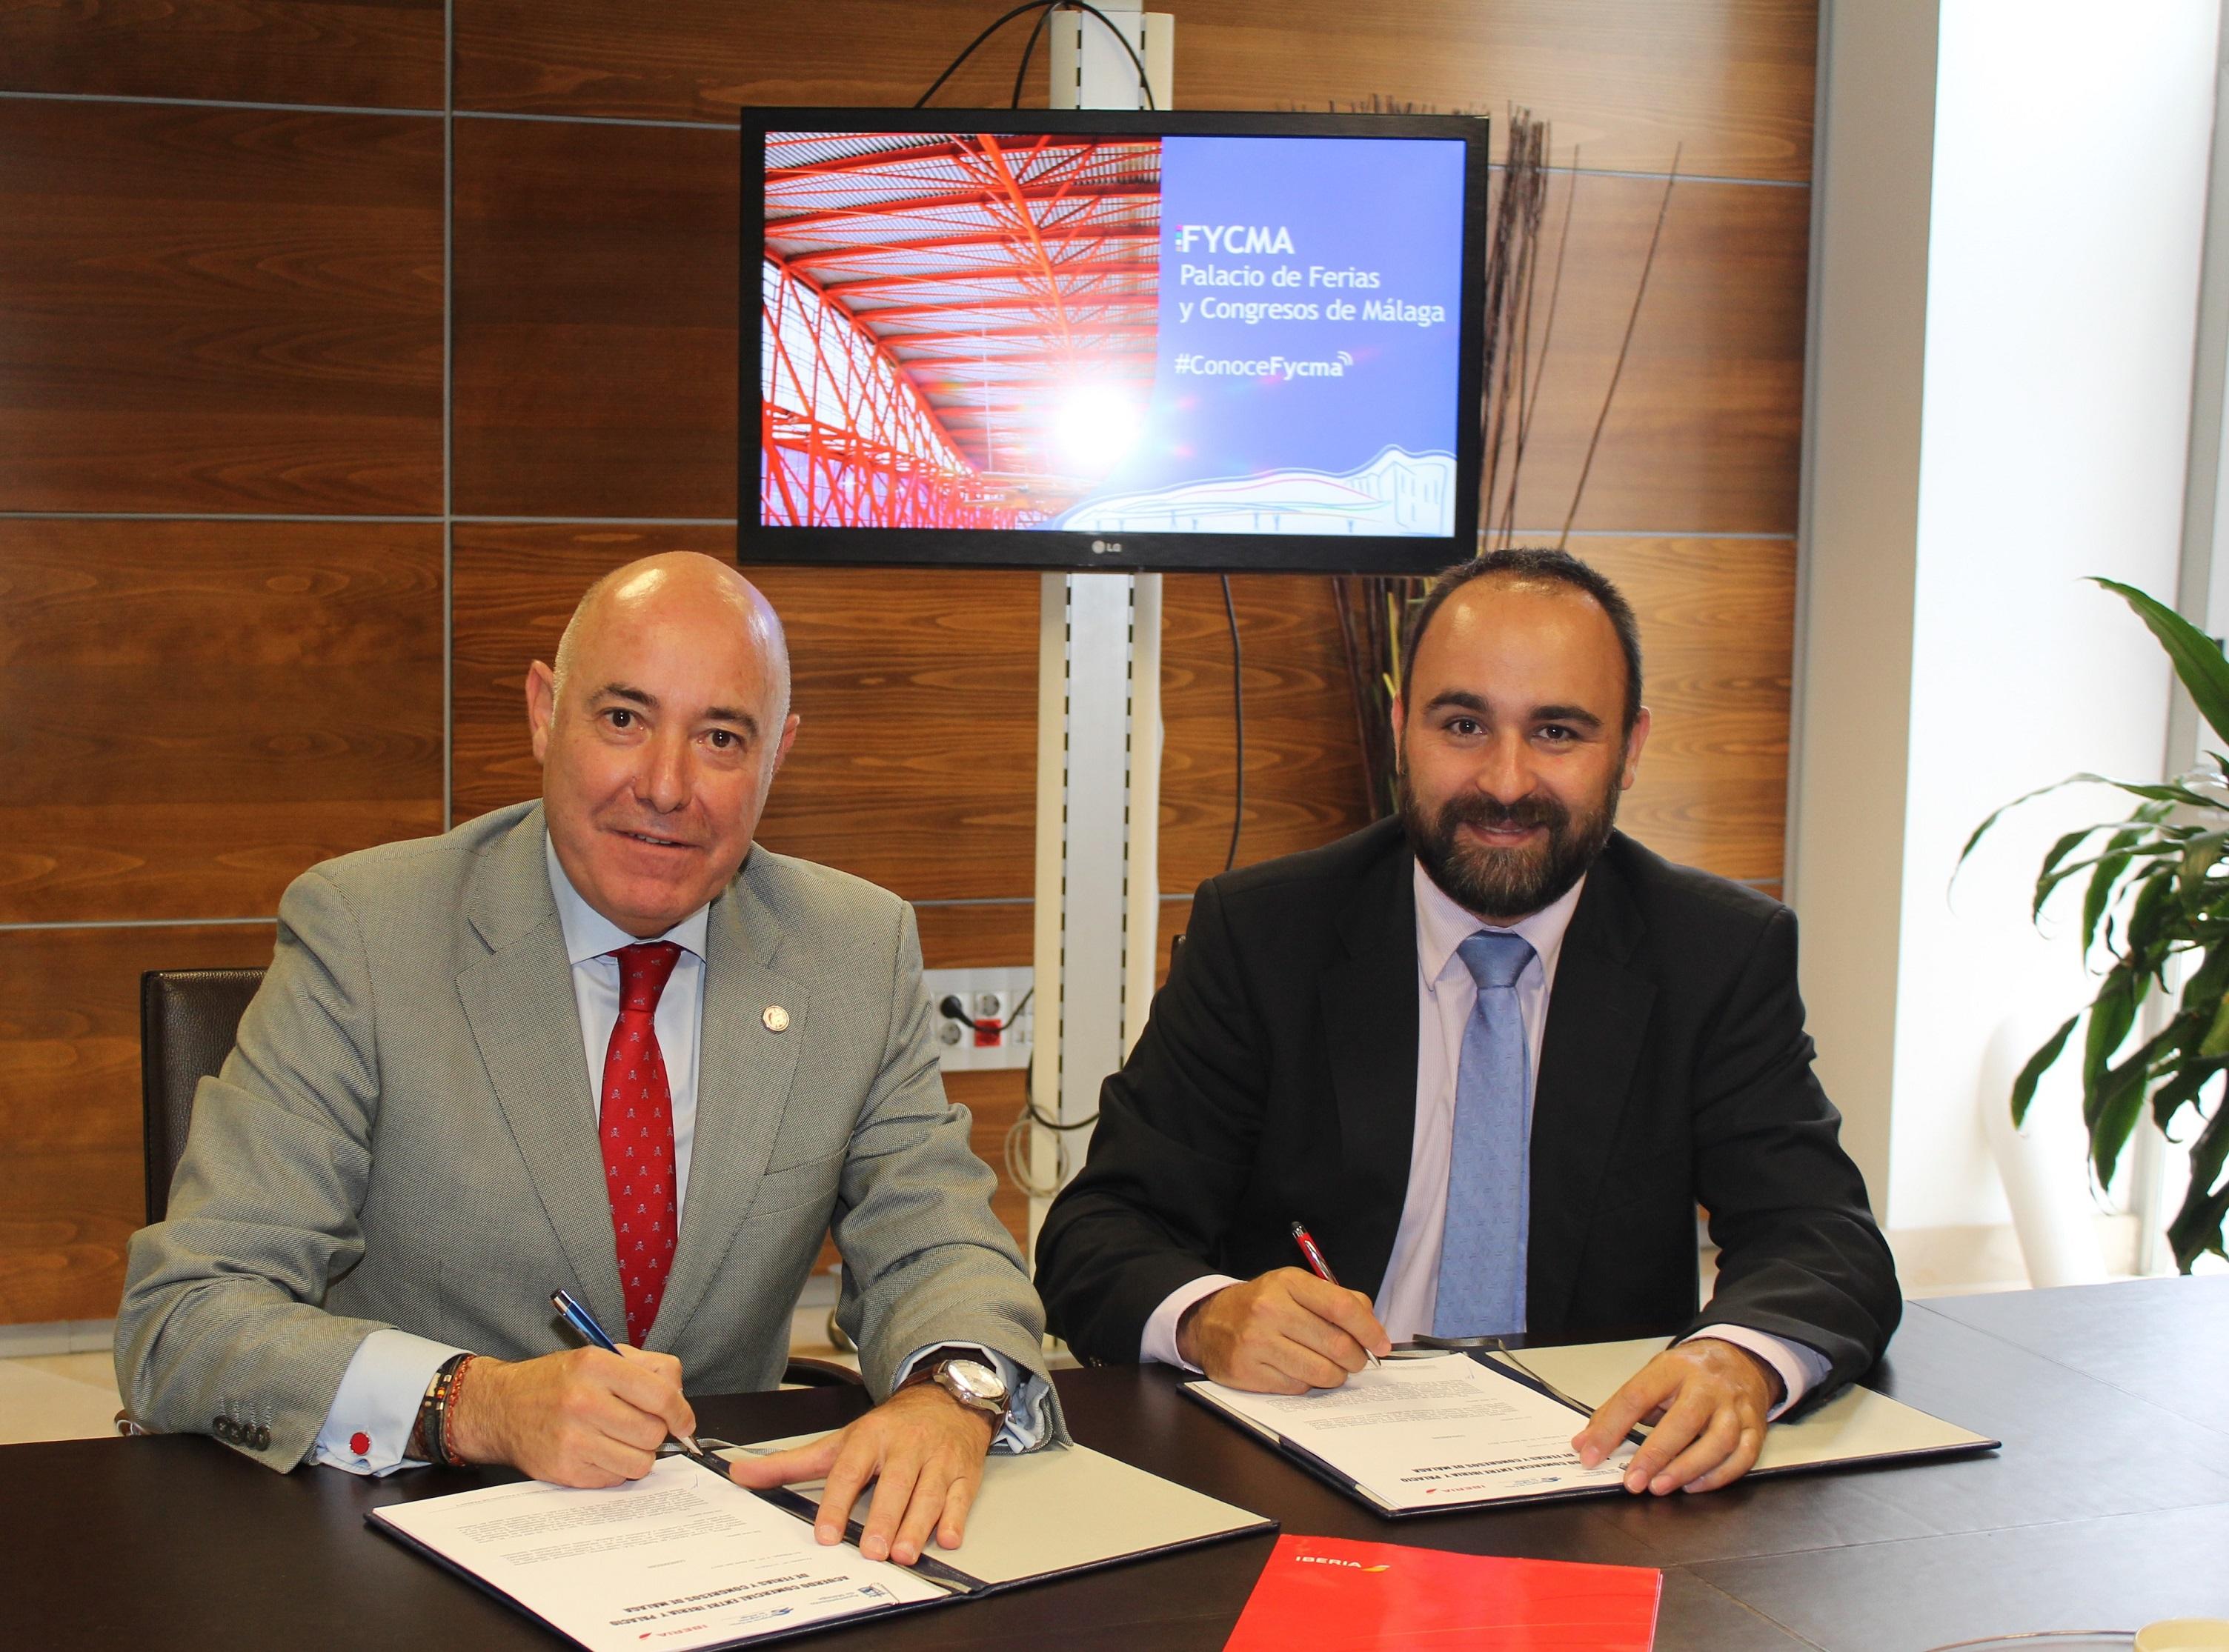 El palacio de Ferias y Congresos de Málaga e Iberia renuevan su acuerdo de condiciones ventajosas a los congresistas